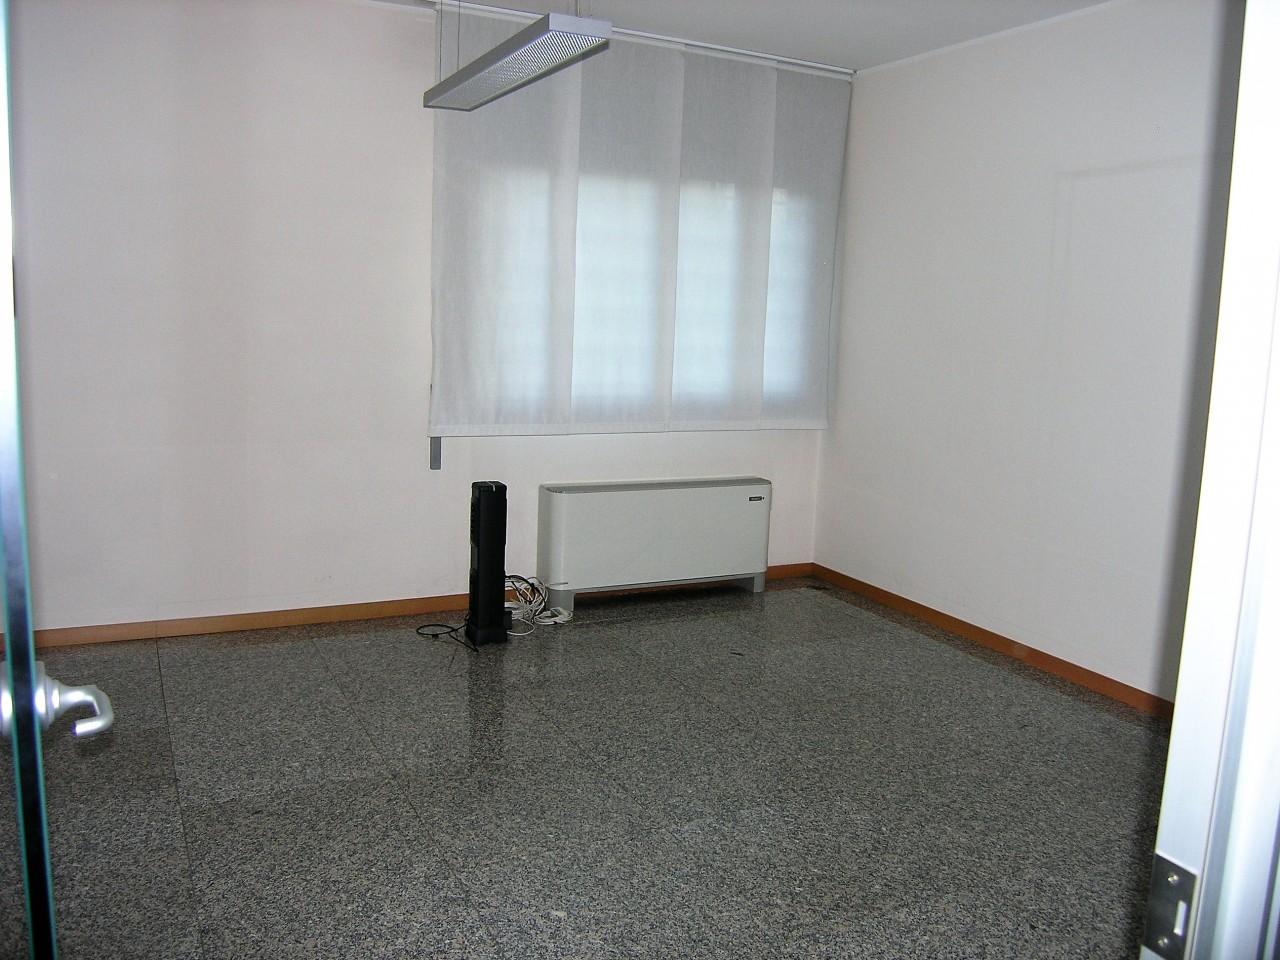 Piazzola sul brenta negozio uffici al piano terra zona for Disegni di casa al piano terra